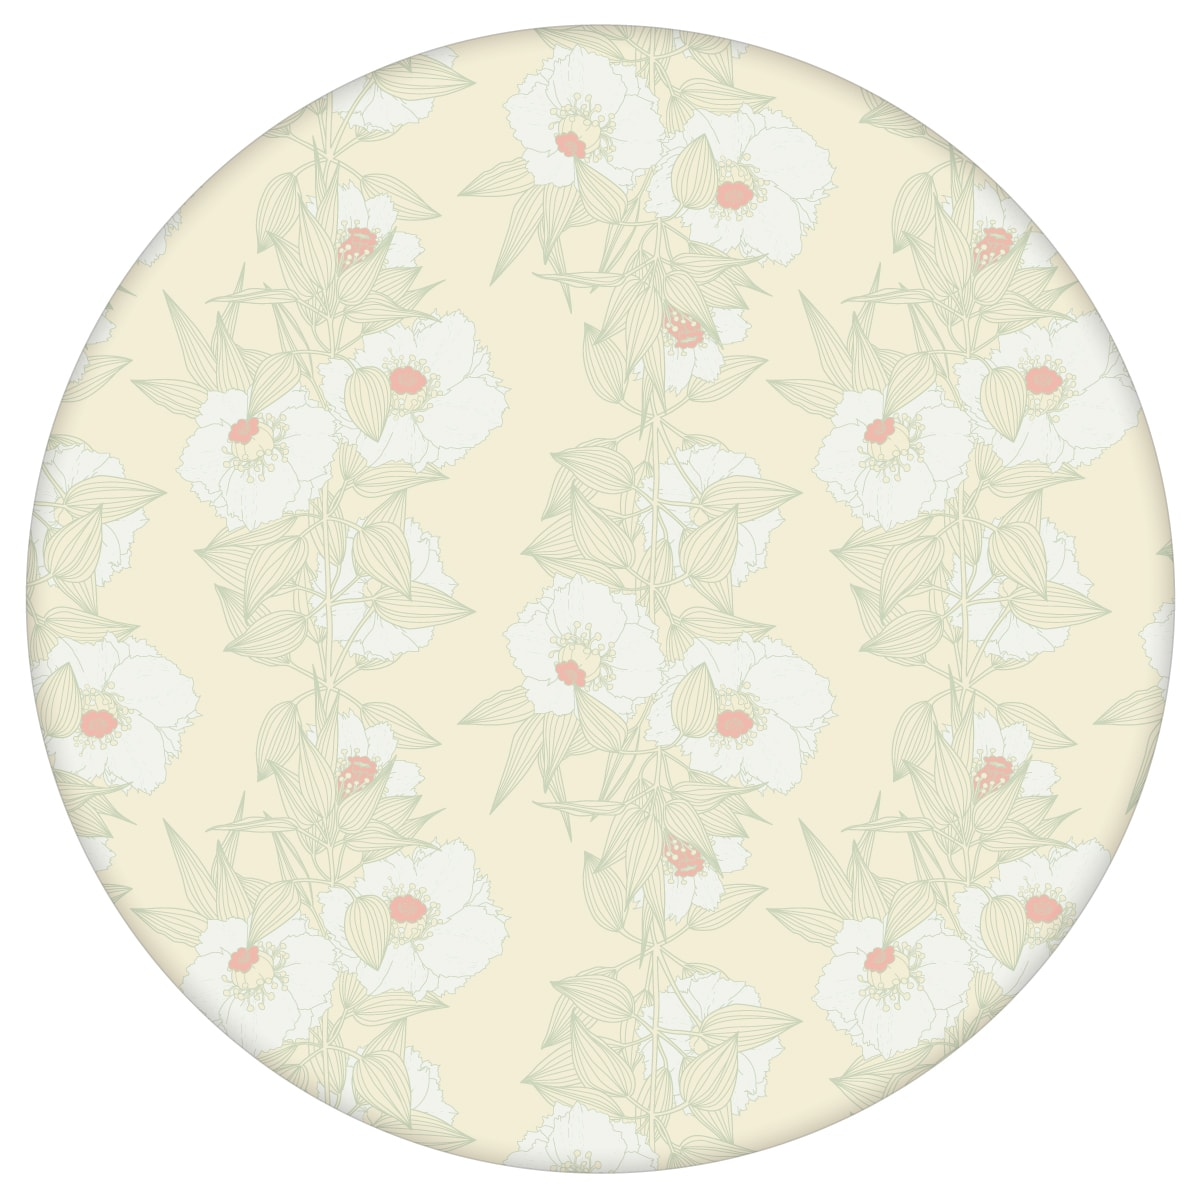 Mint Blumentapete Garten Eden Blüten Ranken, Design Tapete für Ihr Zuhause 2